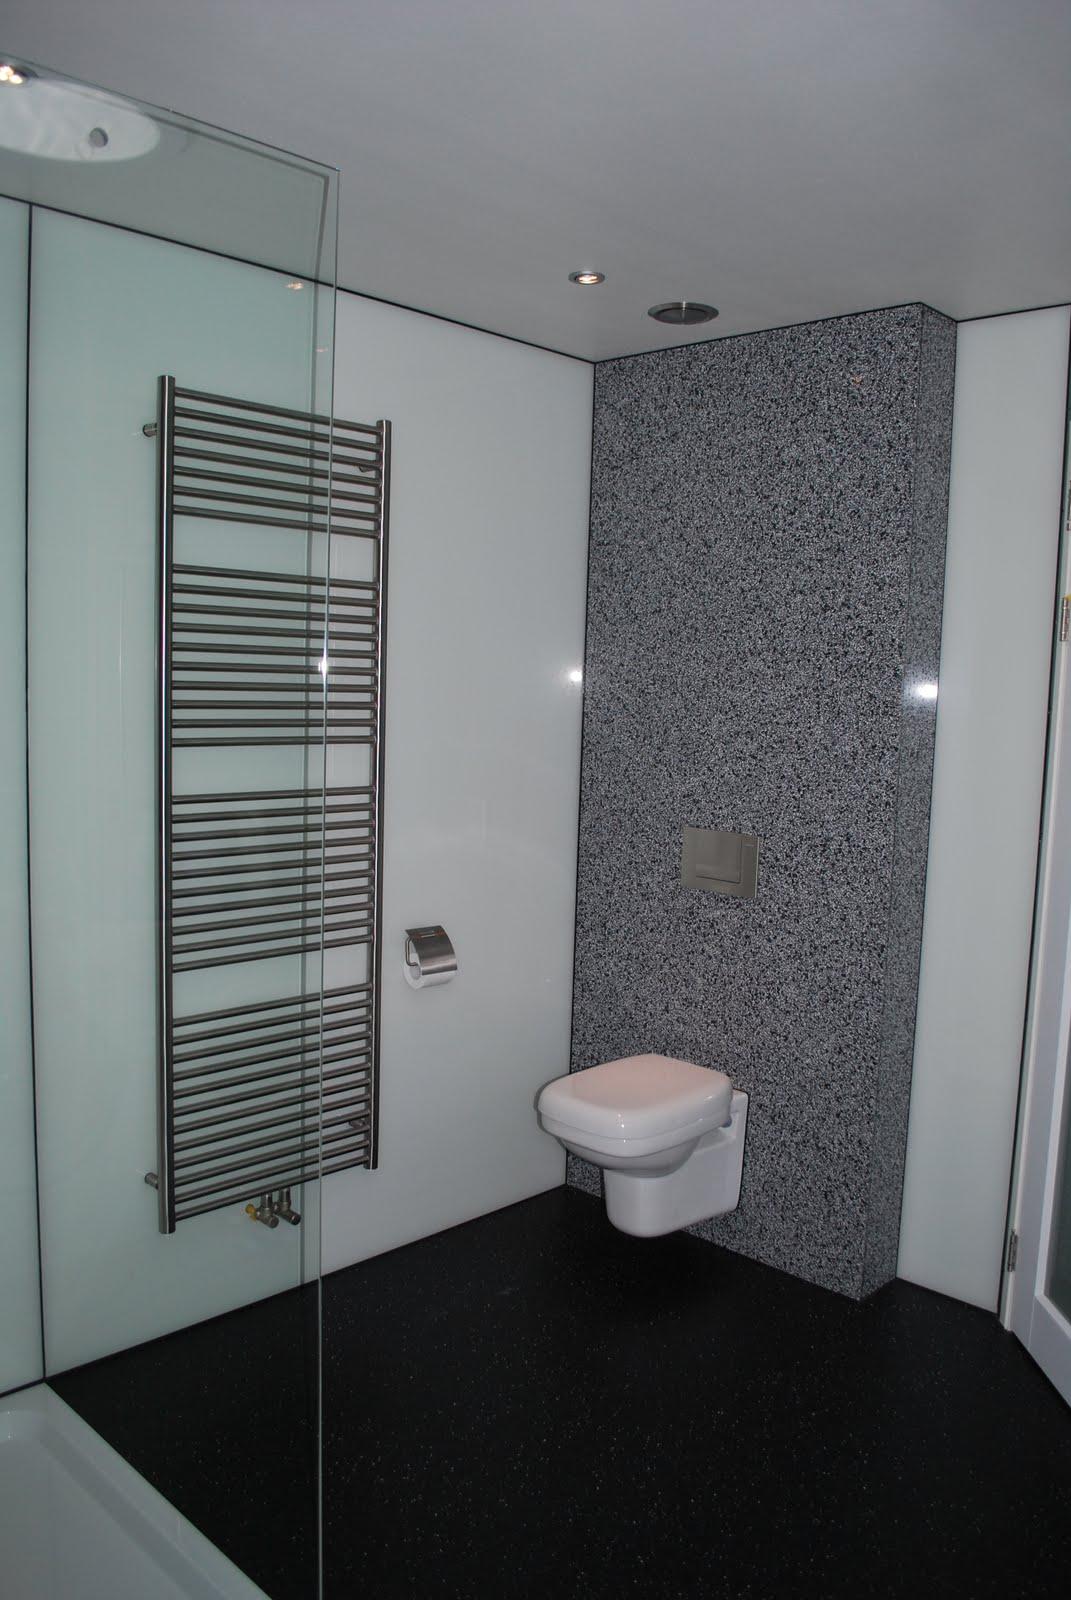 Gp interieur idee blog bent u toe aan een nieuwe badkamer kom een langs - Wat kleur aan een badkamer ...